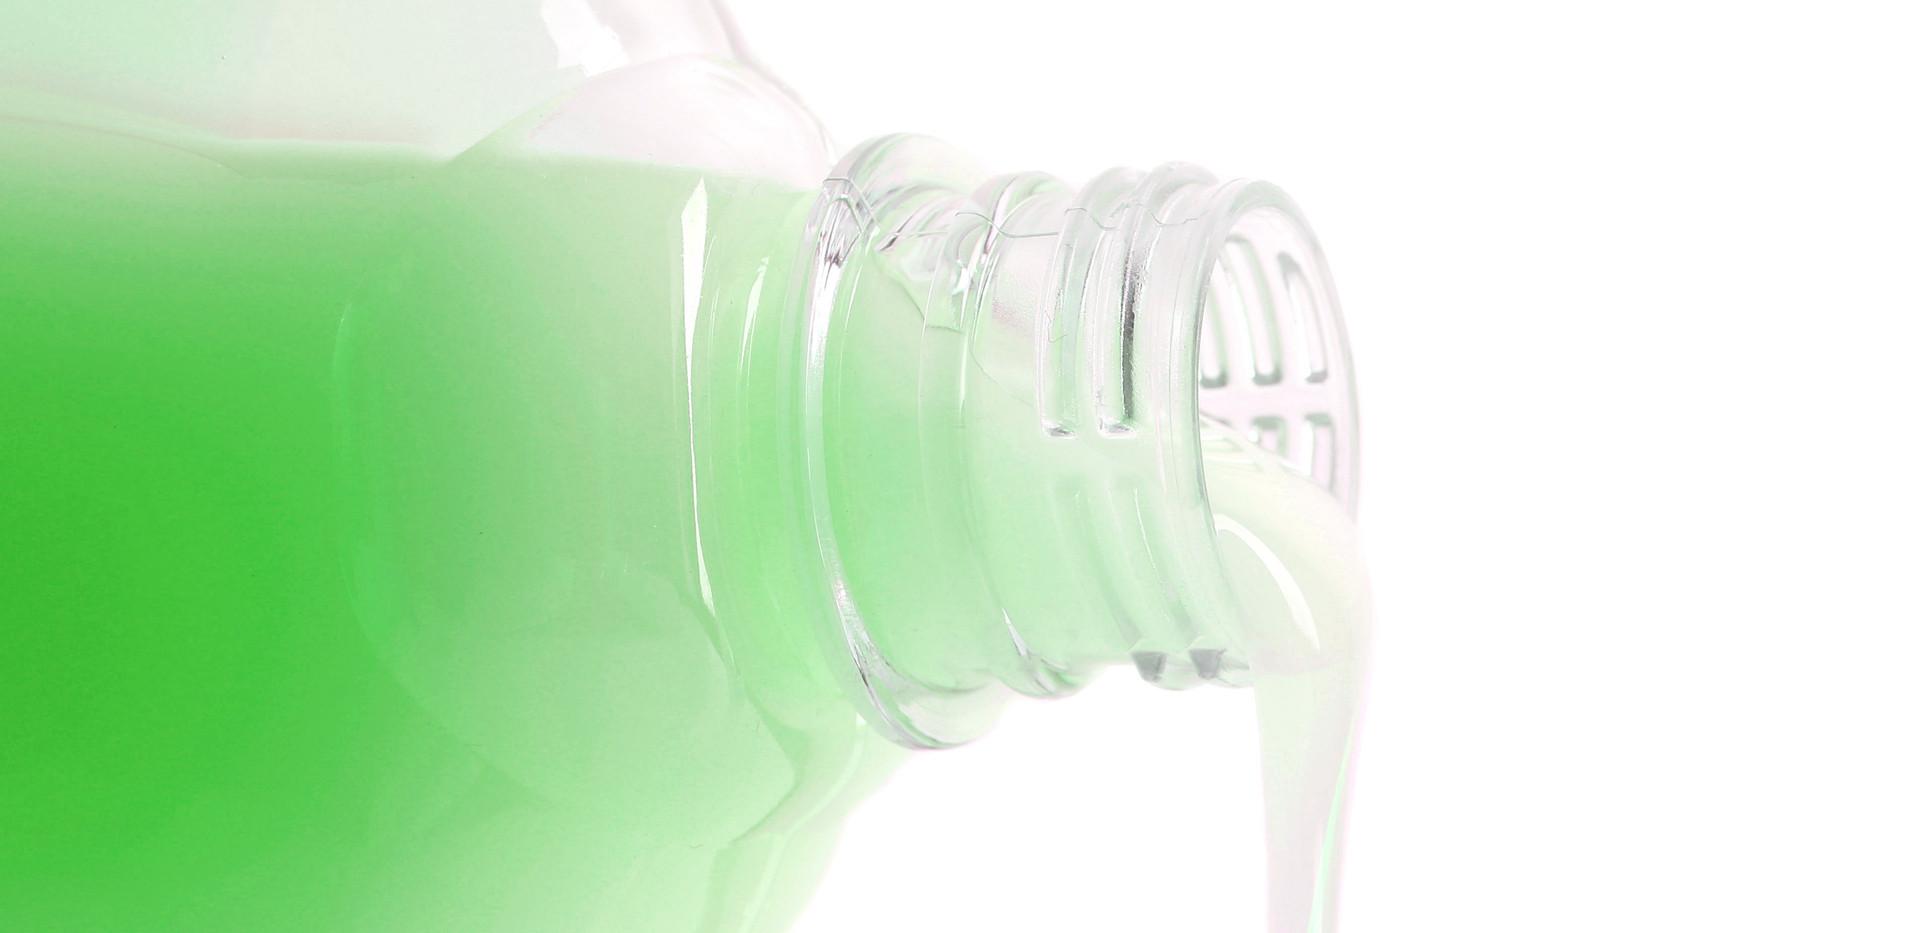 tropical shampoo pour.jpg